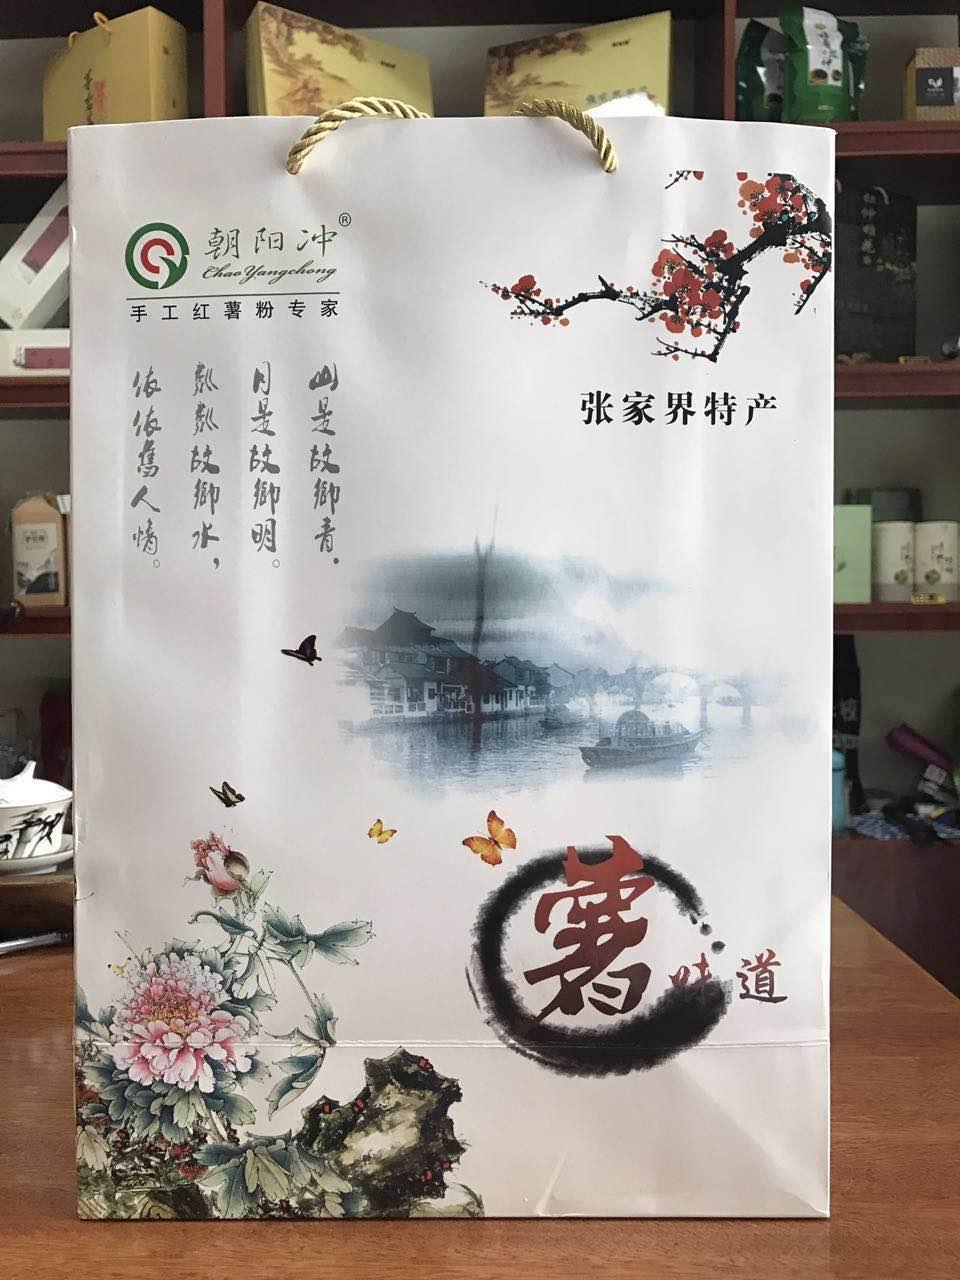 张家界白水晶红薯粉丝朝阳冲粉条系列精品礼盒包邮